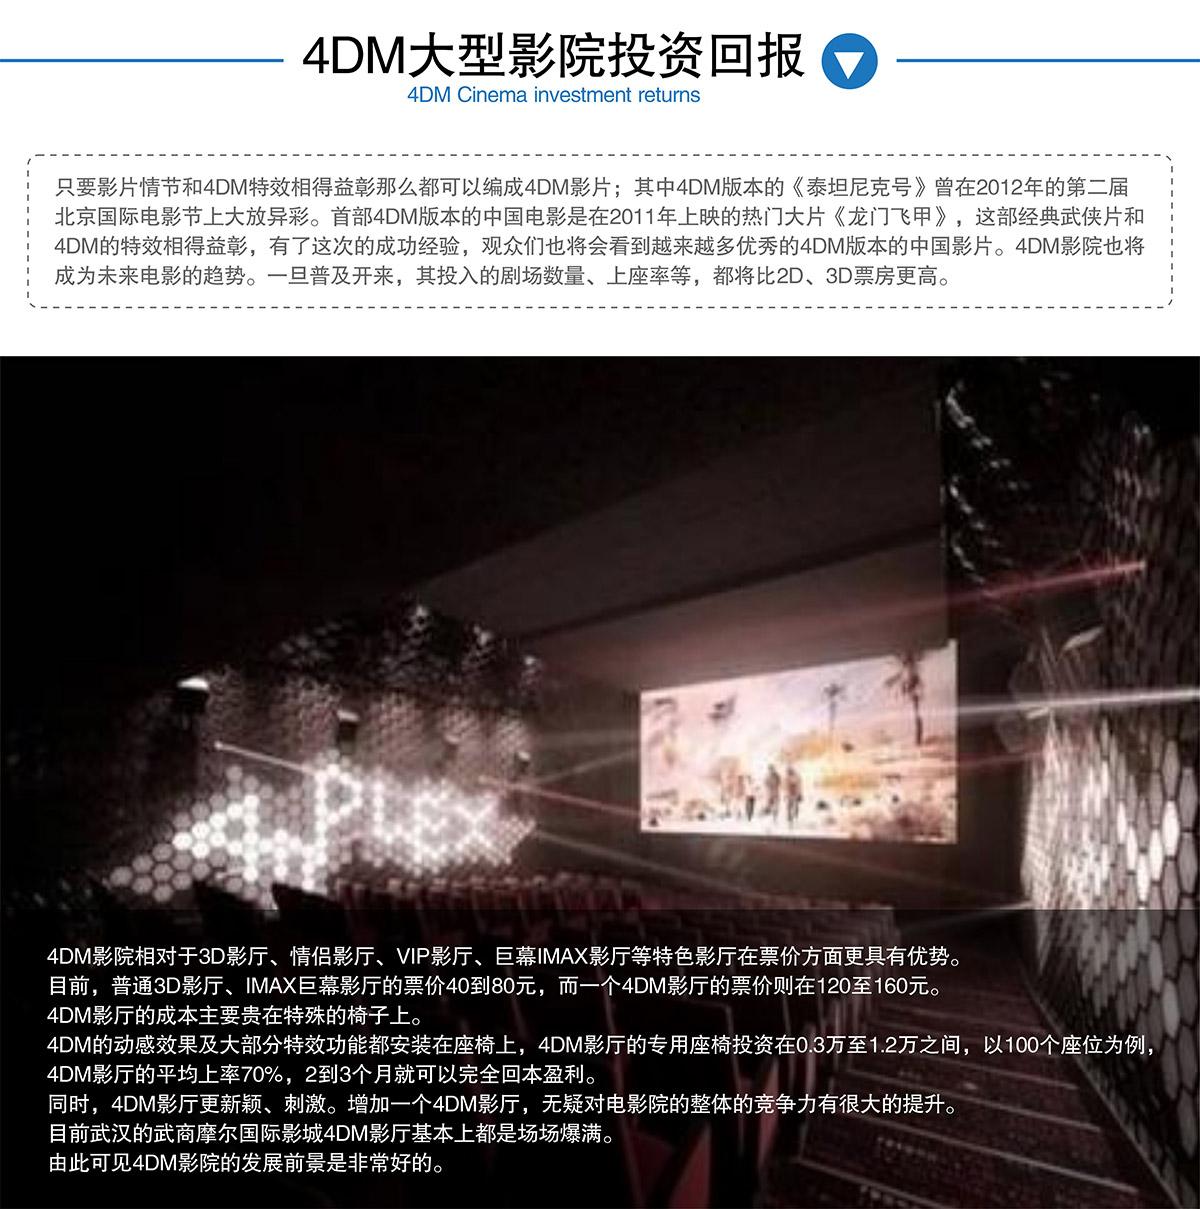 安全体验4DM大型影院投资回报.jpg